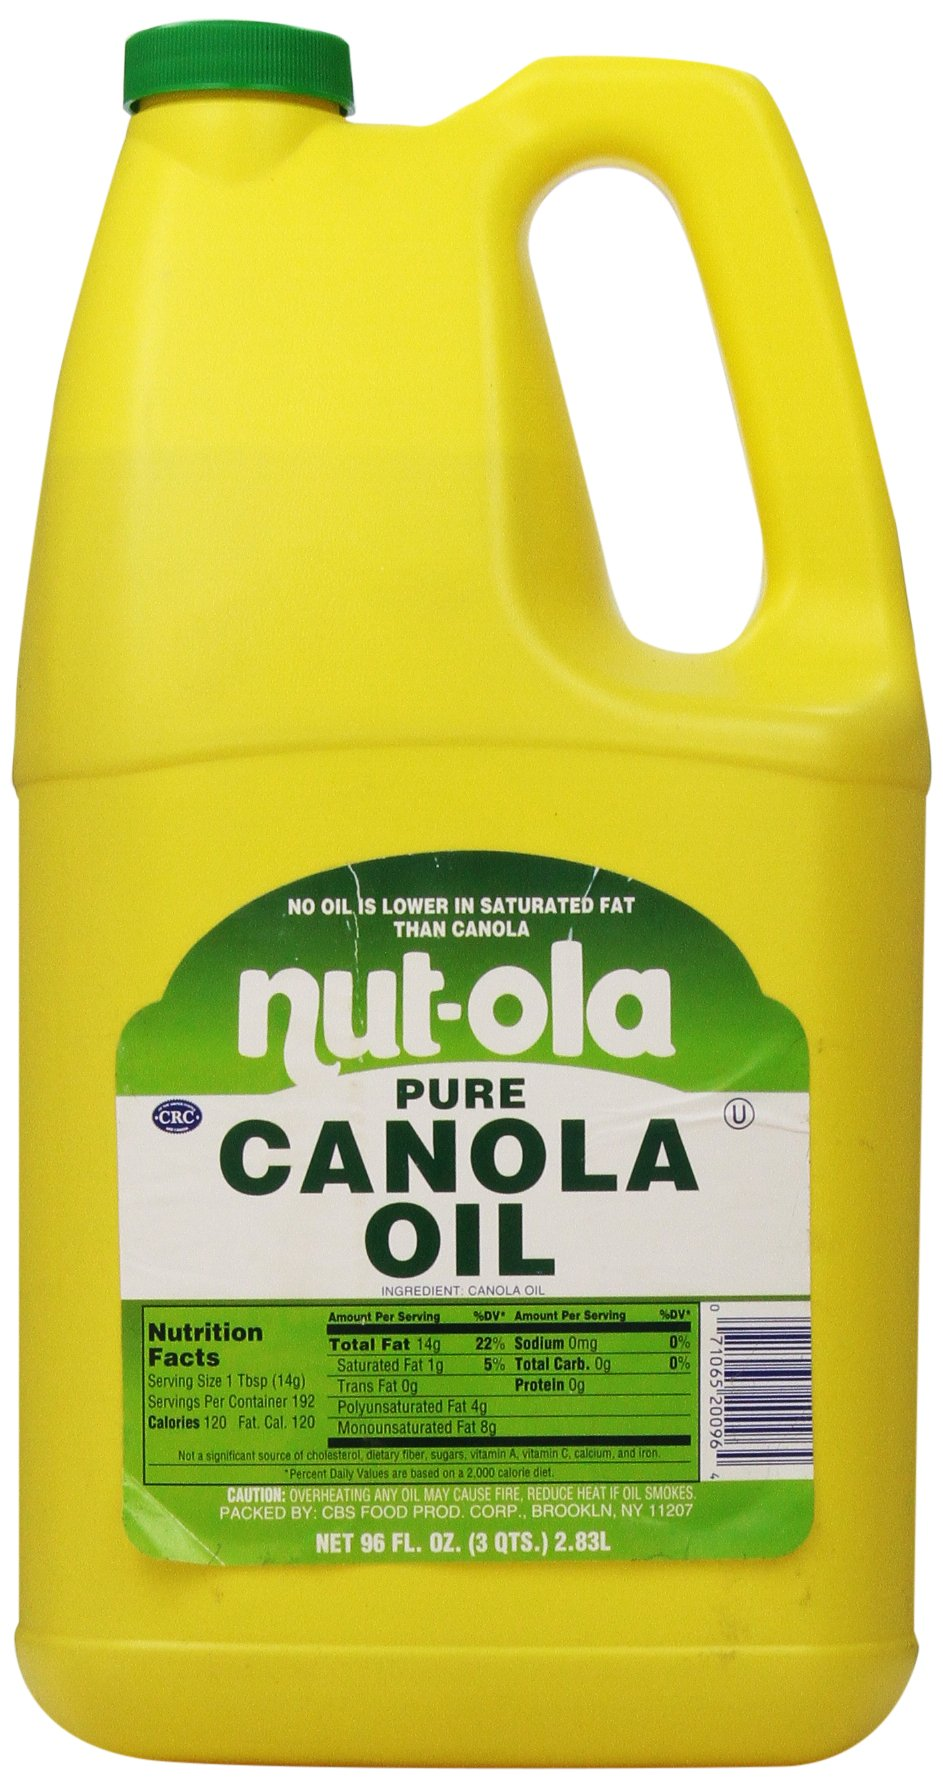 Nutola Canola Oil, 96 Ounce